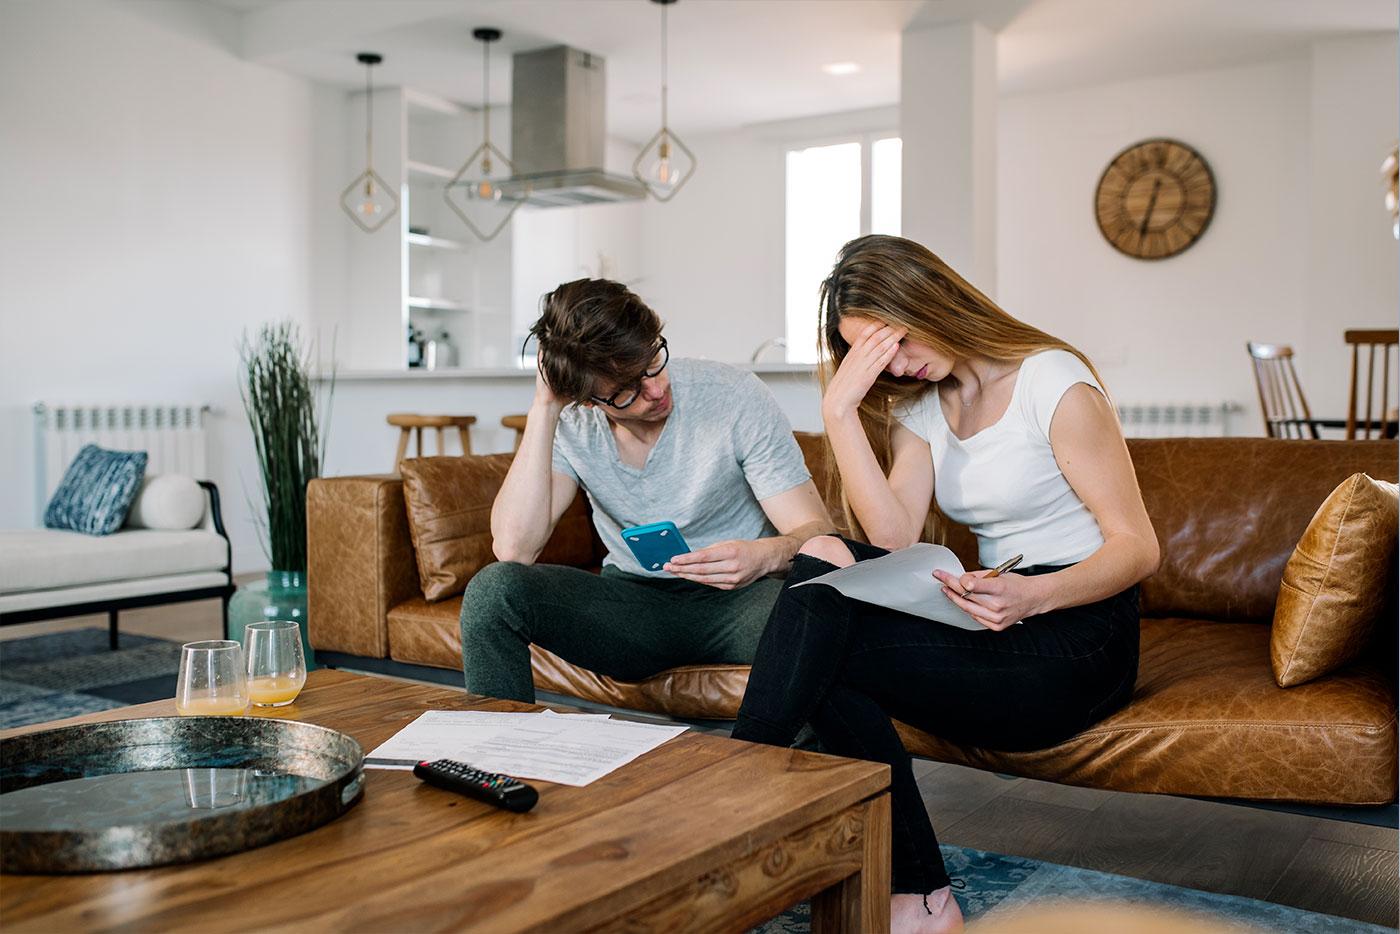 Divorcio y separaciones. ¿Cómo puede ayudarme un psicólogo en mi divorcio?